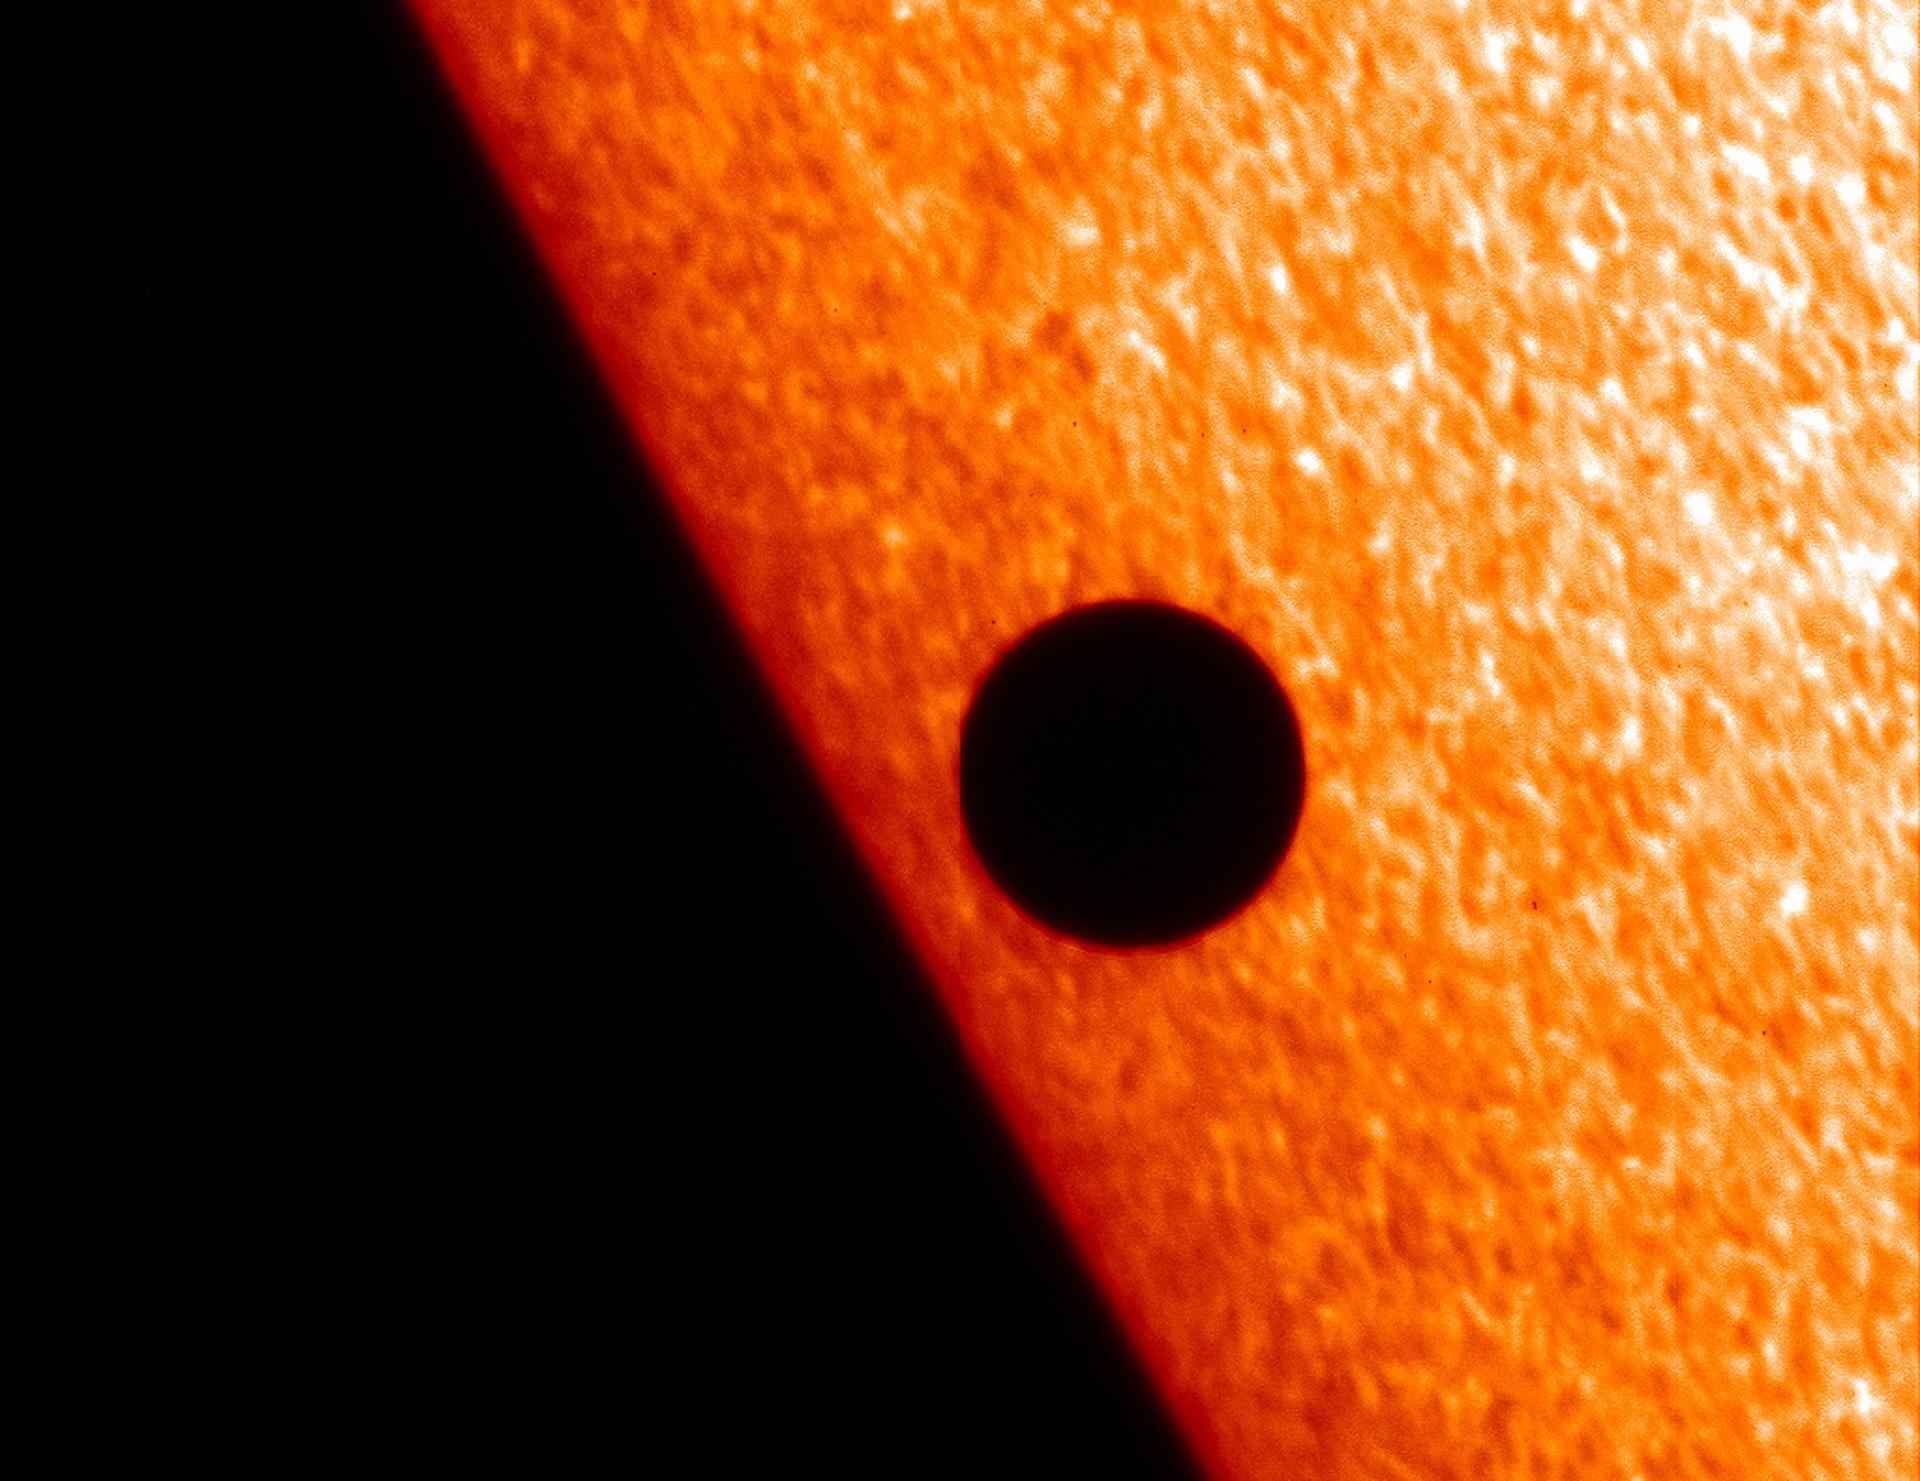 Cómo ver el tránsito de Mercurio frente al Sol en vivo por Internet